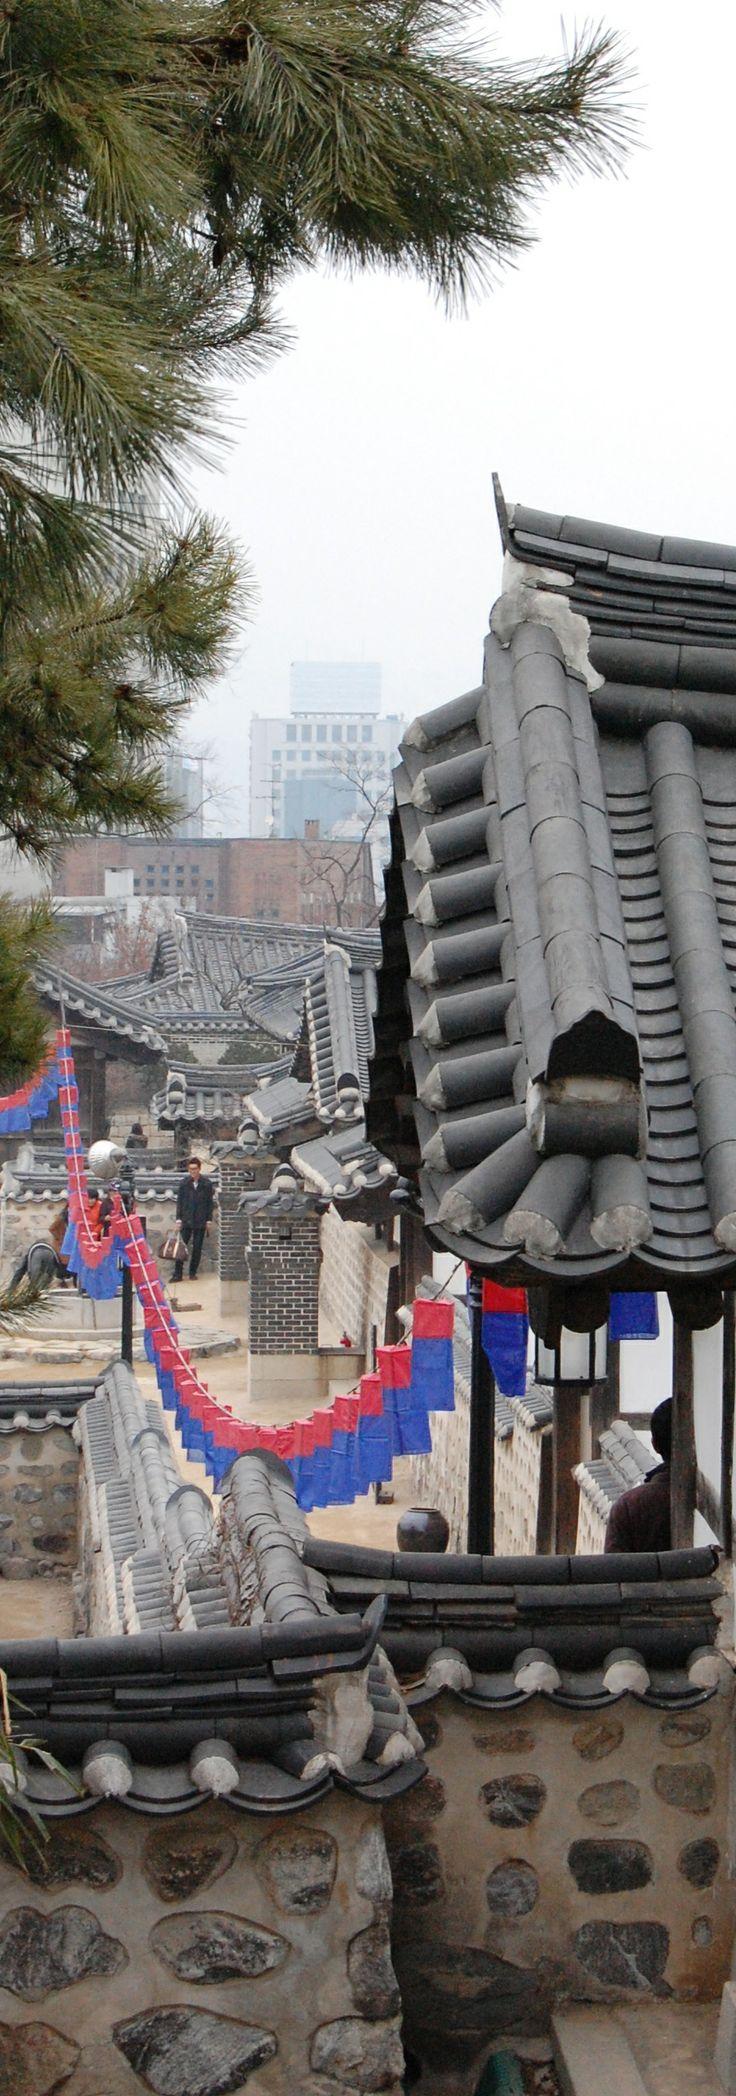 Namsan Hanok Village, Seoul, Korea